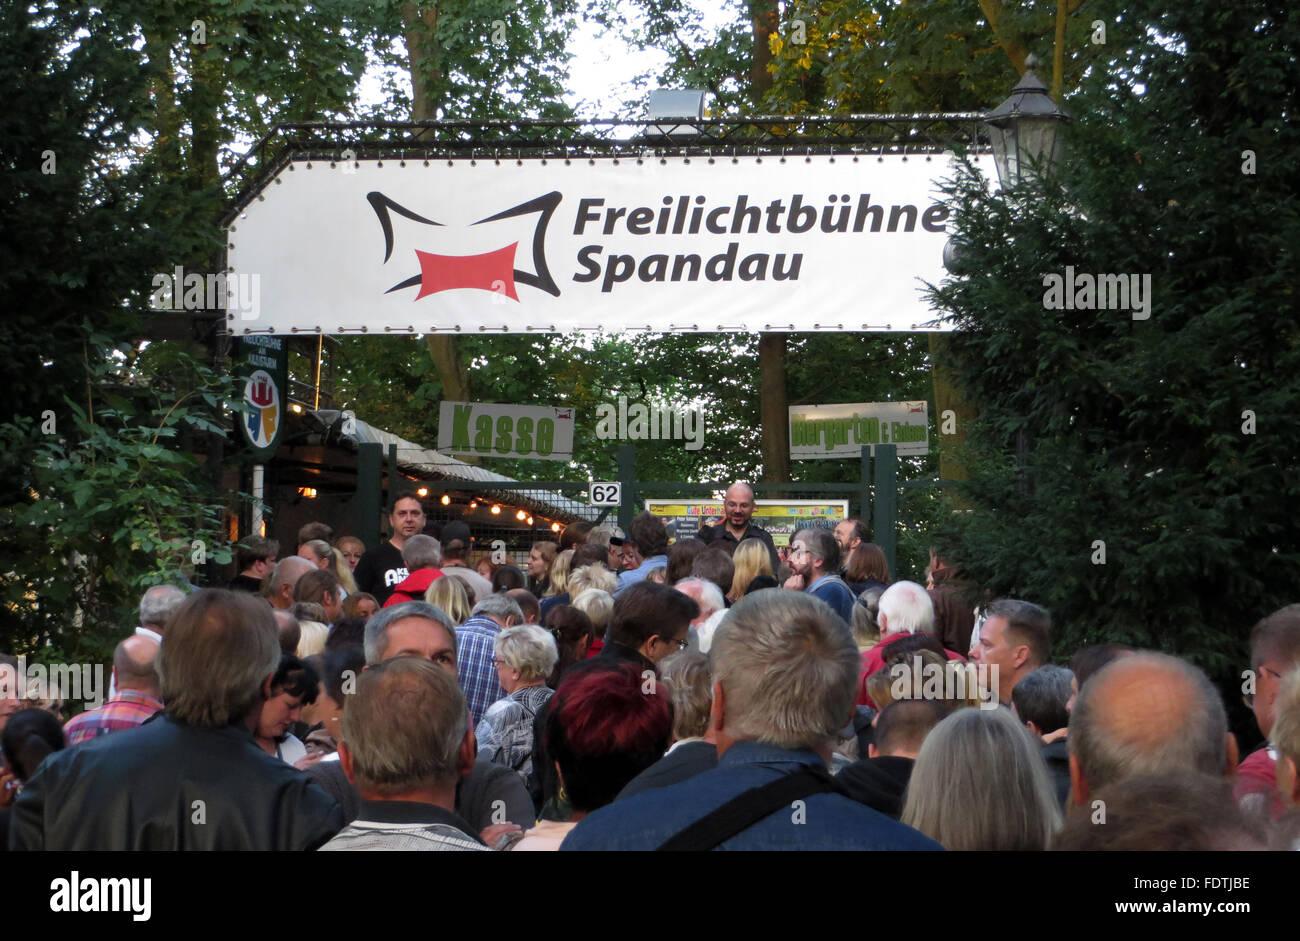 28.08.2015, Berlin, Deutschland - Menschen am Eingang zur Freilichtbuehne Spandau. 00S150828D800CARO.JPG [MODEL Stock Photo